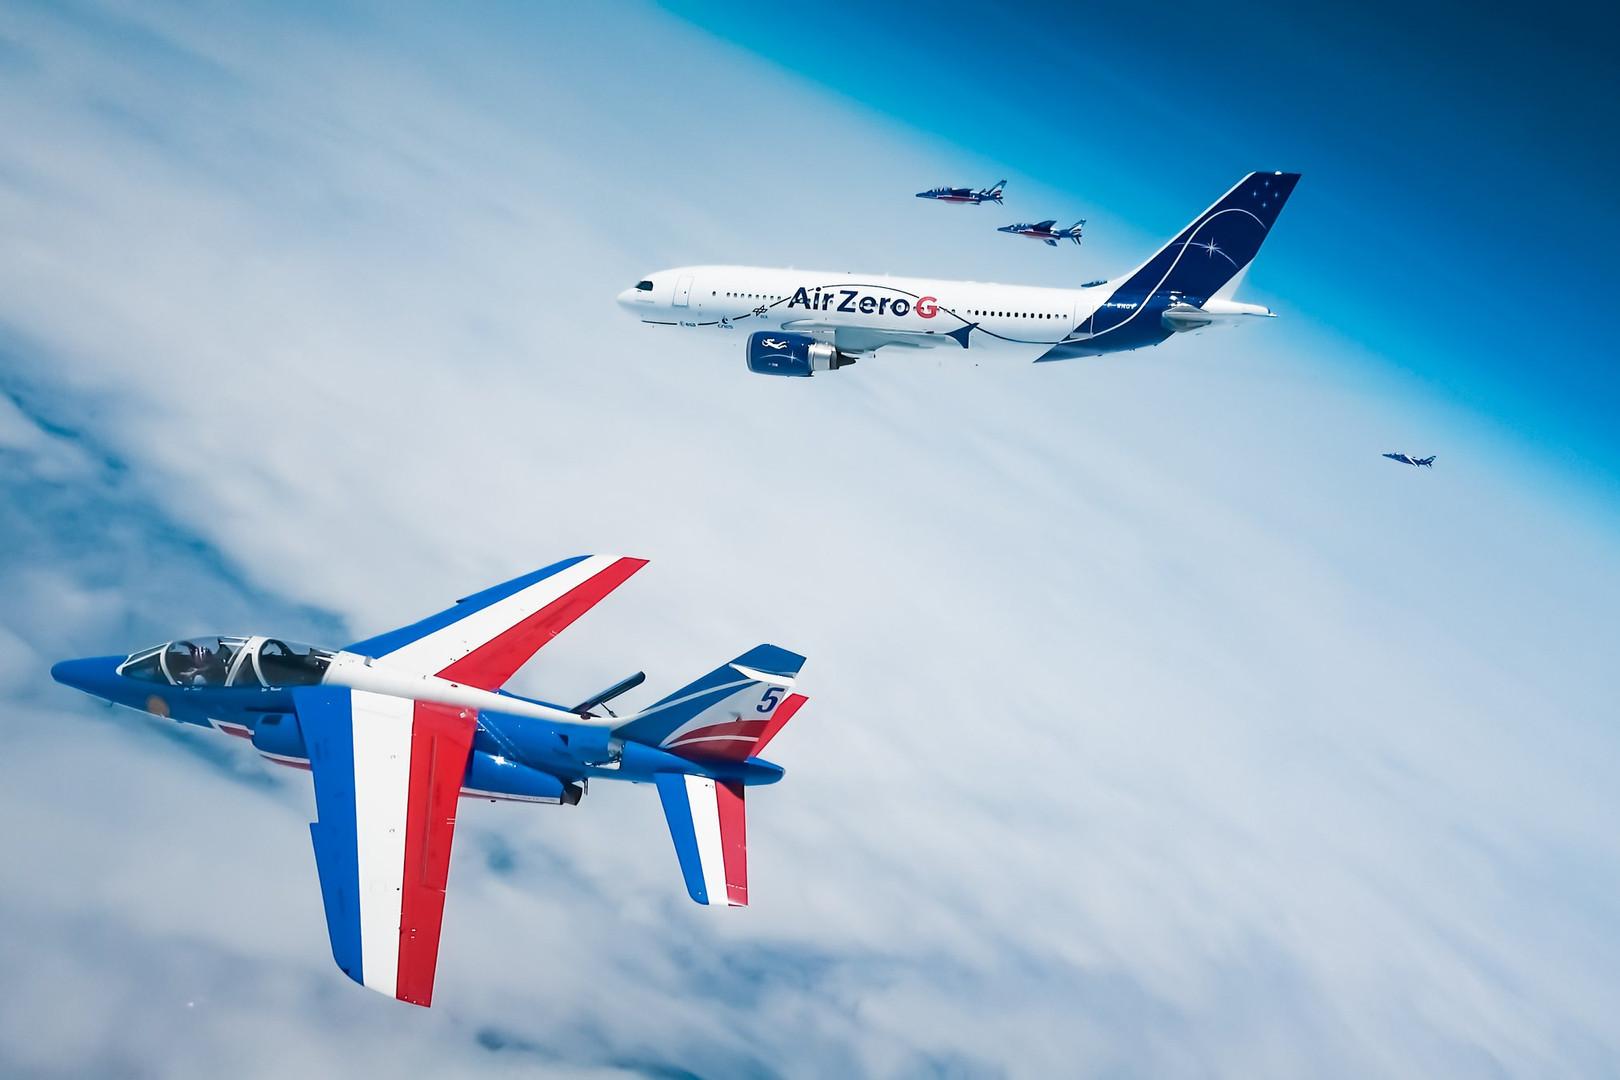 A310 Zero G et Patrouille de France